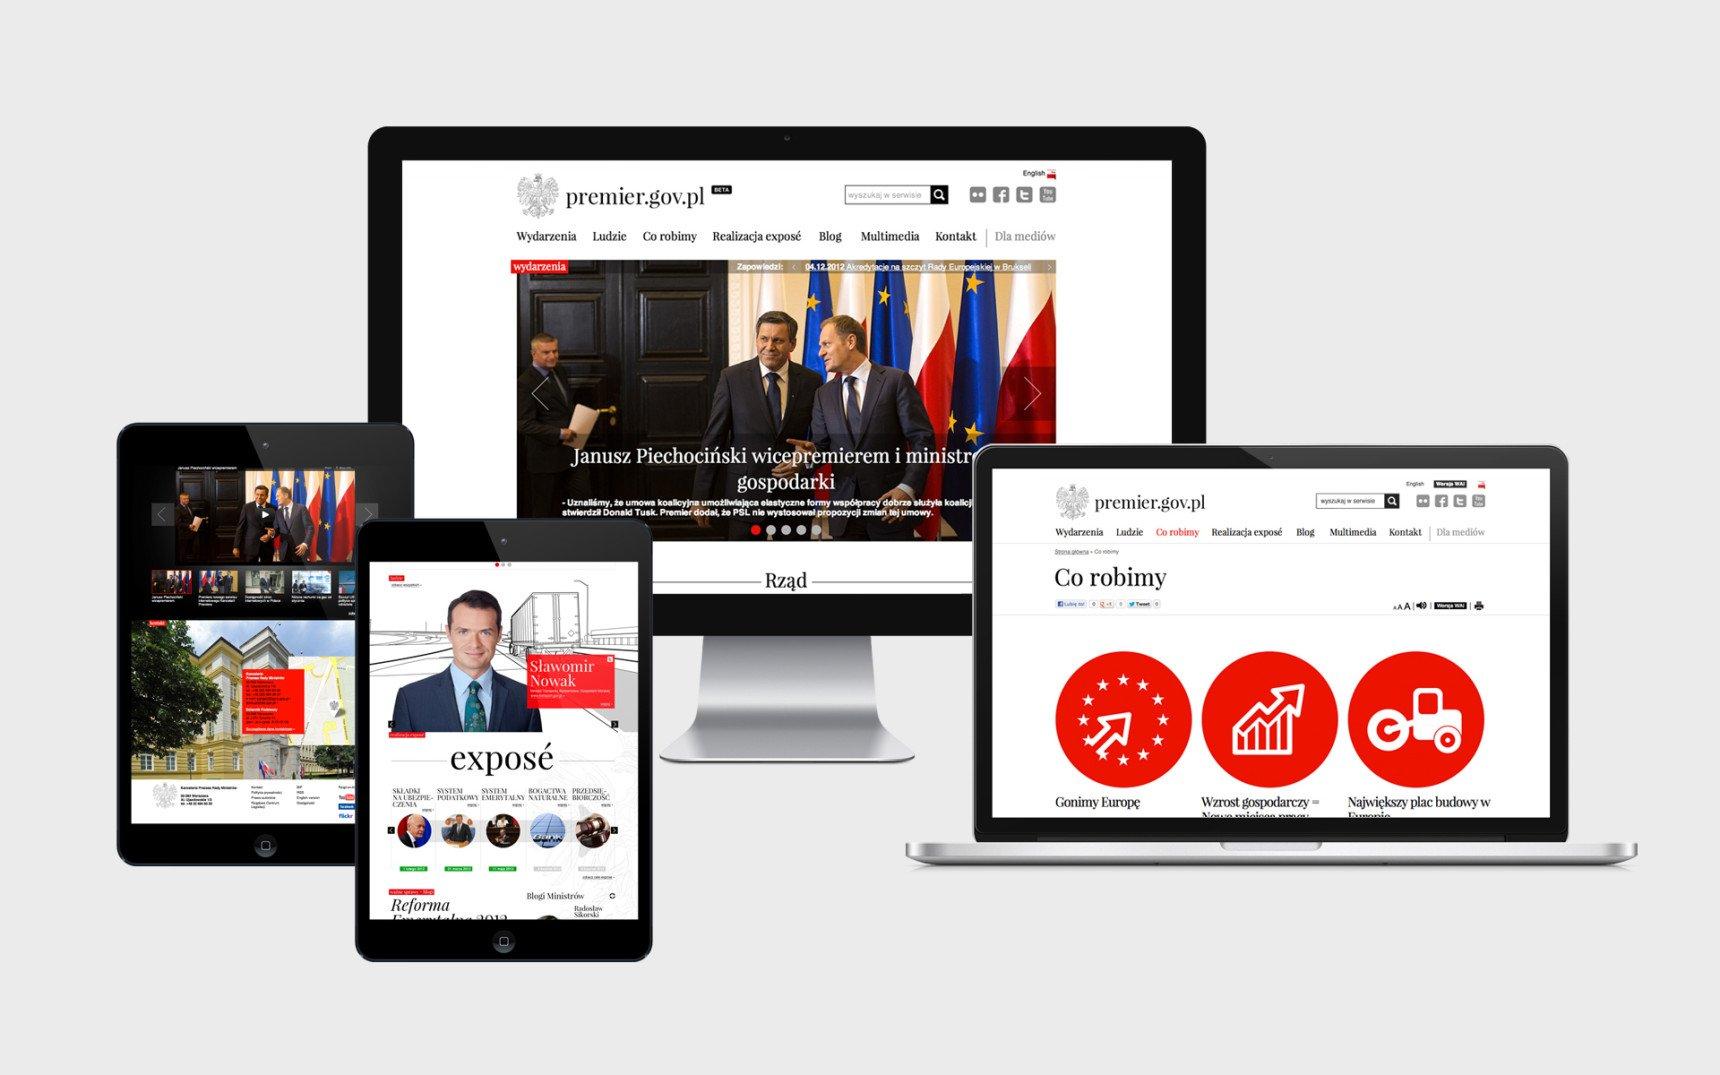 premier.gov.pl Cyfrowa rewolucja